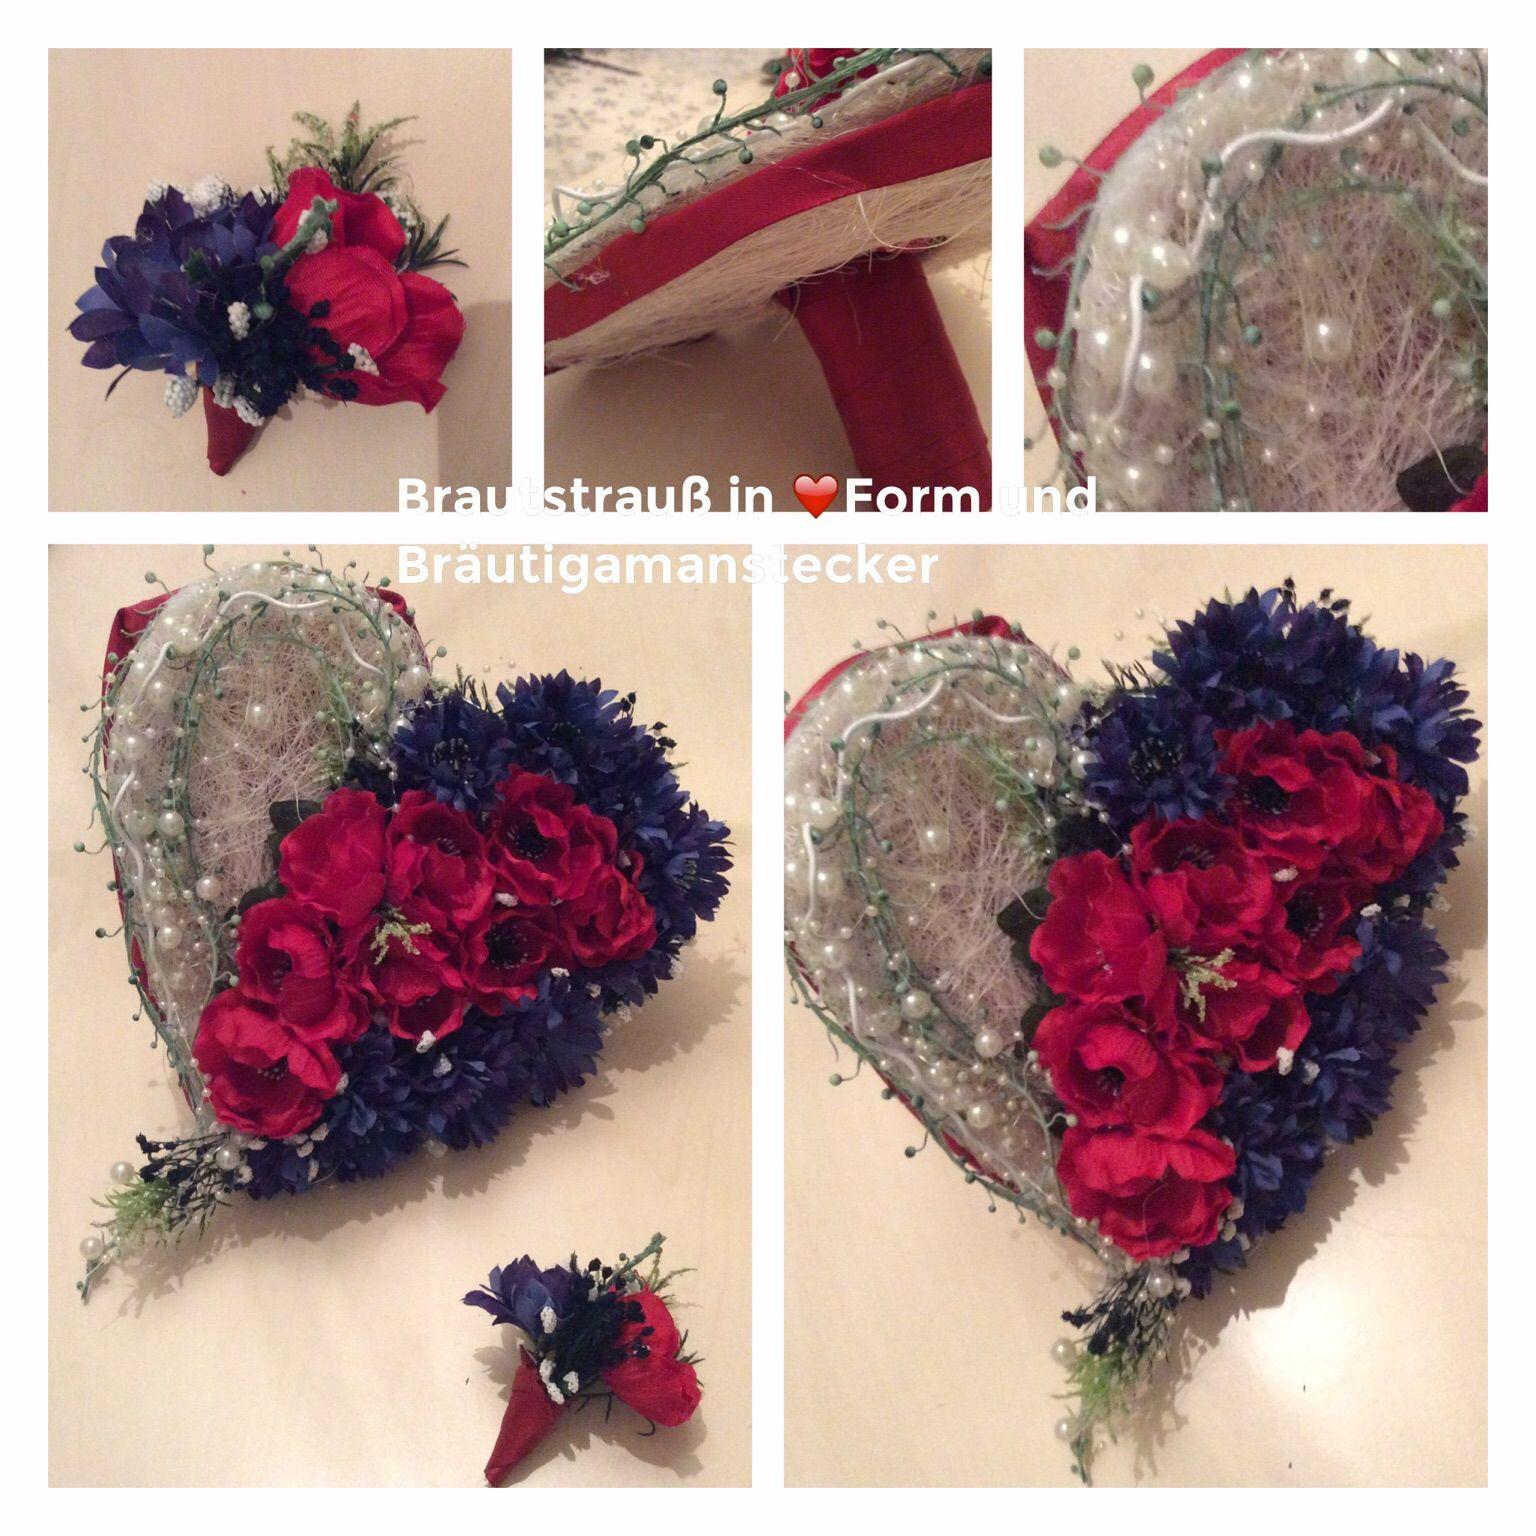 Brautstrauss in Herzform und Anstecker